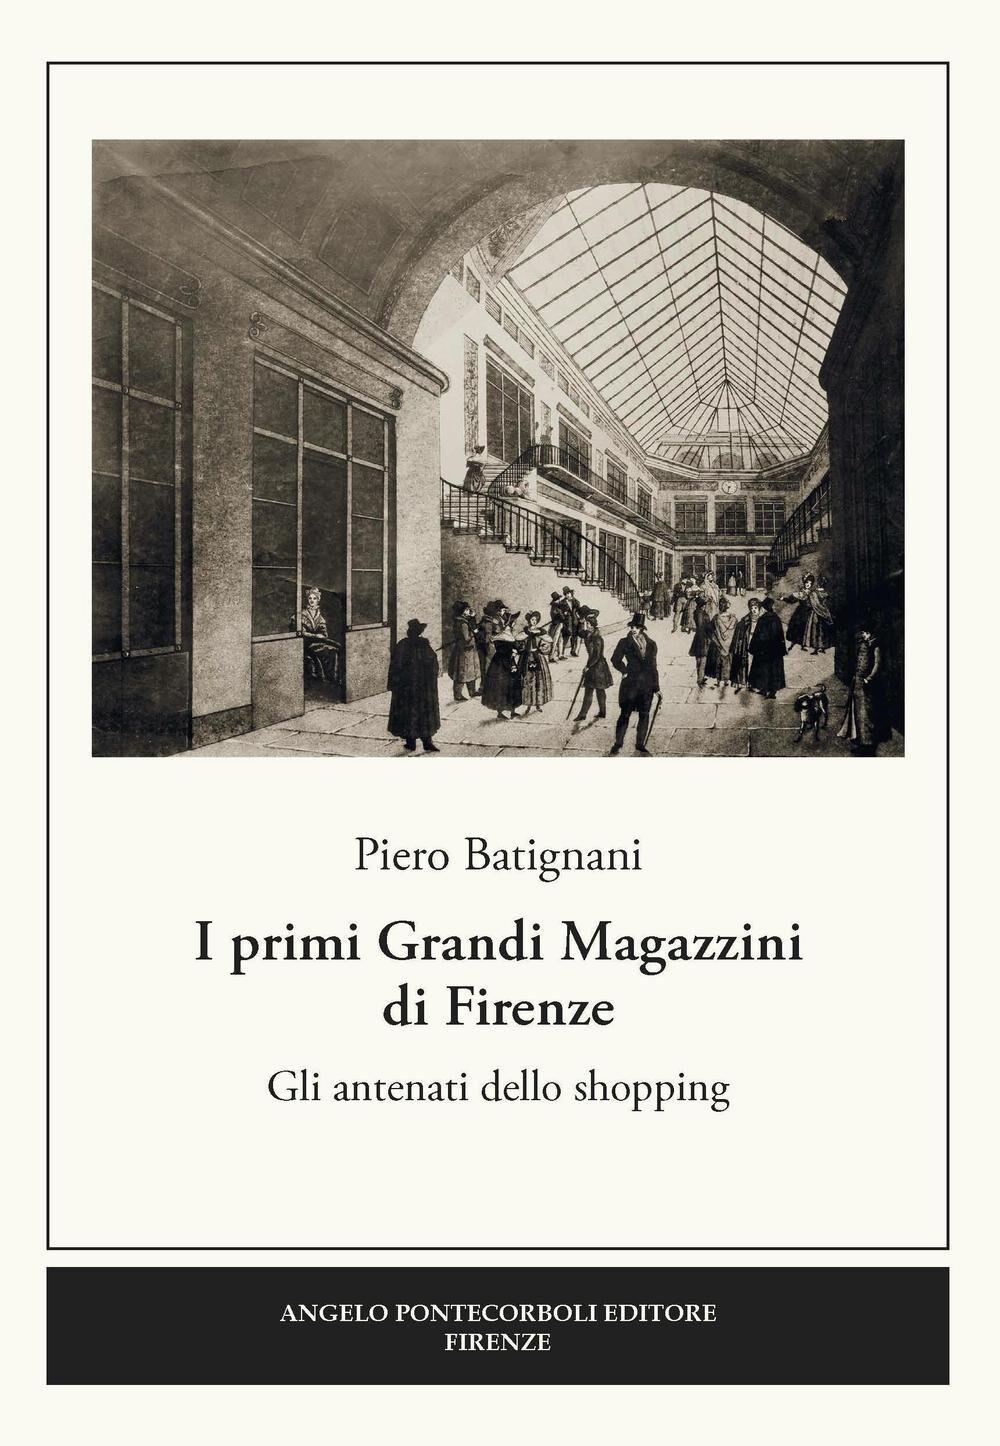 I primi grandi magazzini di Firenze. Gli antenati dello shopping